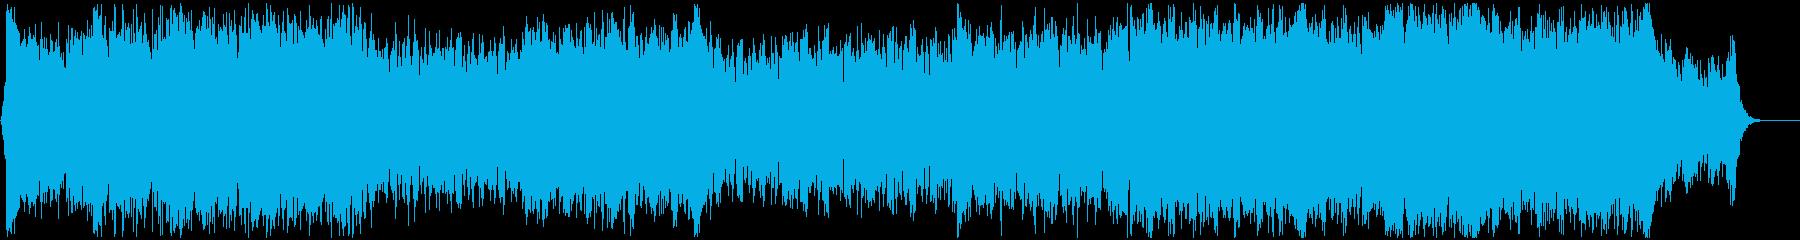 【EDM】爽やかなドラムンベース Vo有の再生済みの波形